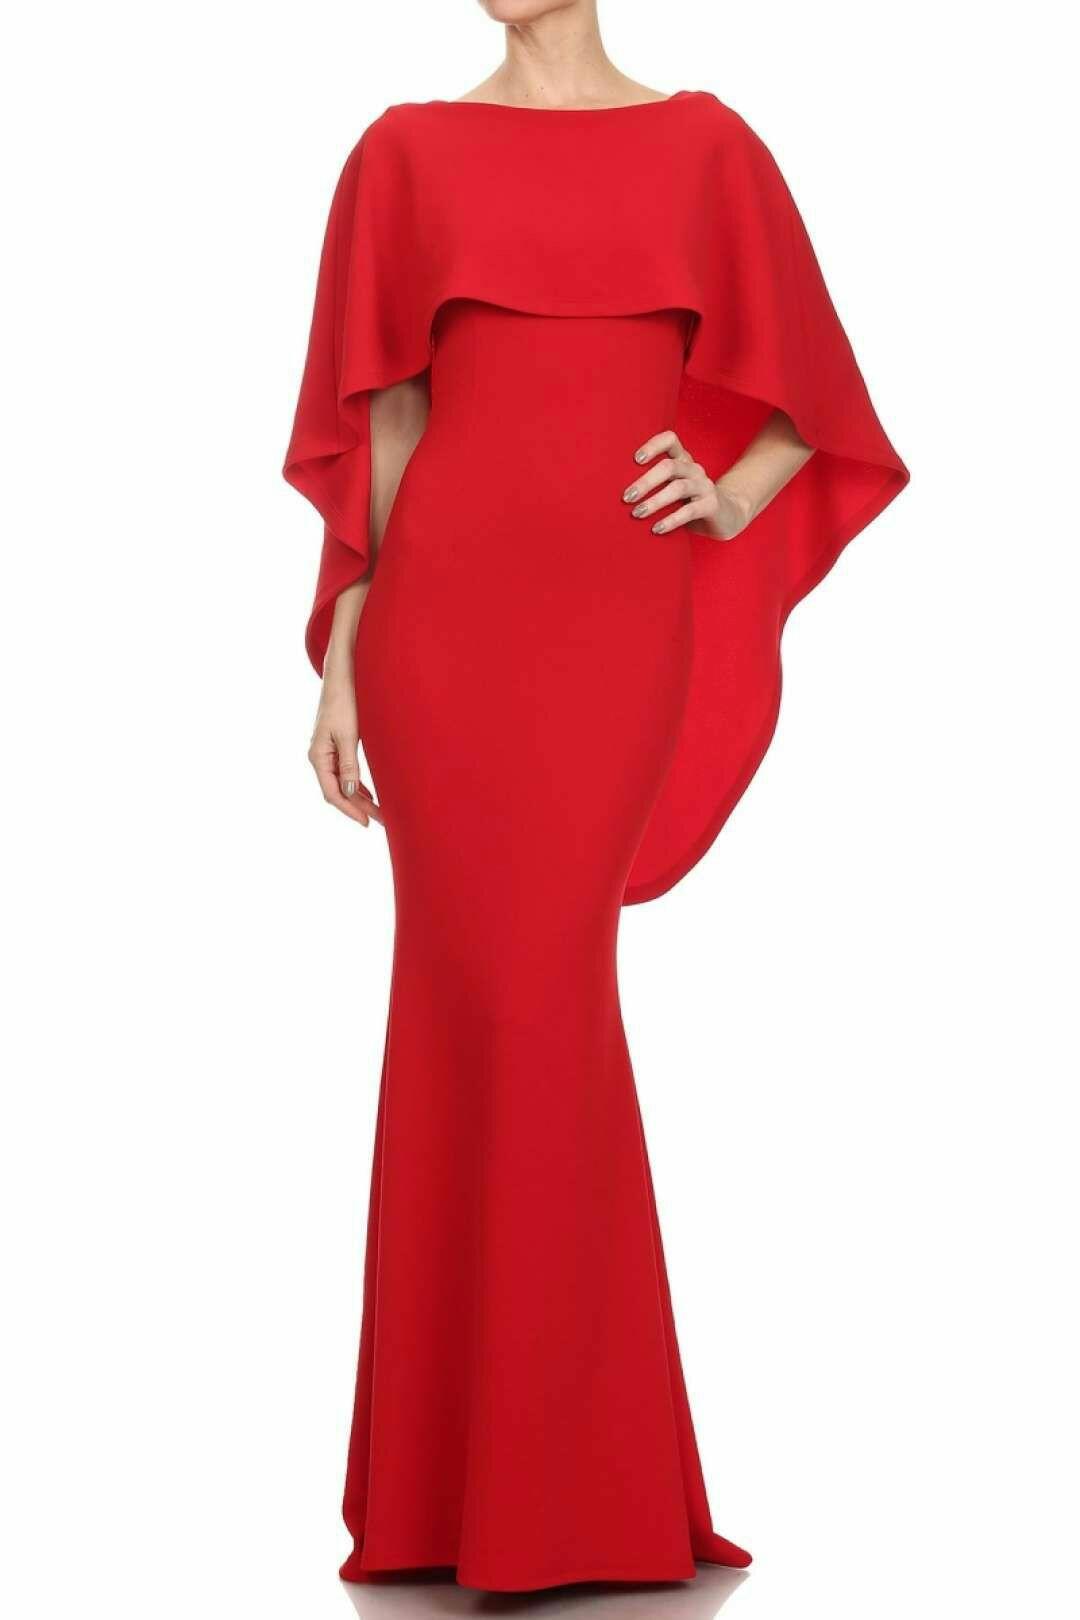 الفستان الكاب الأحمر